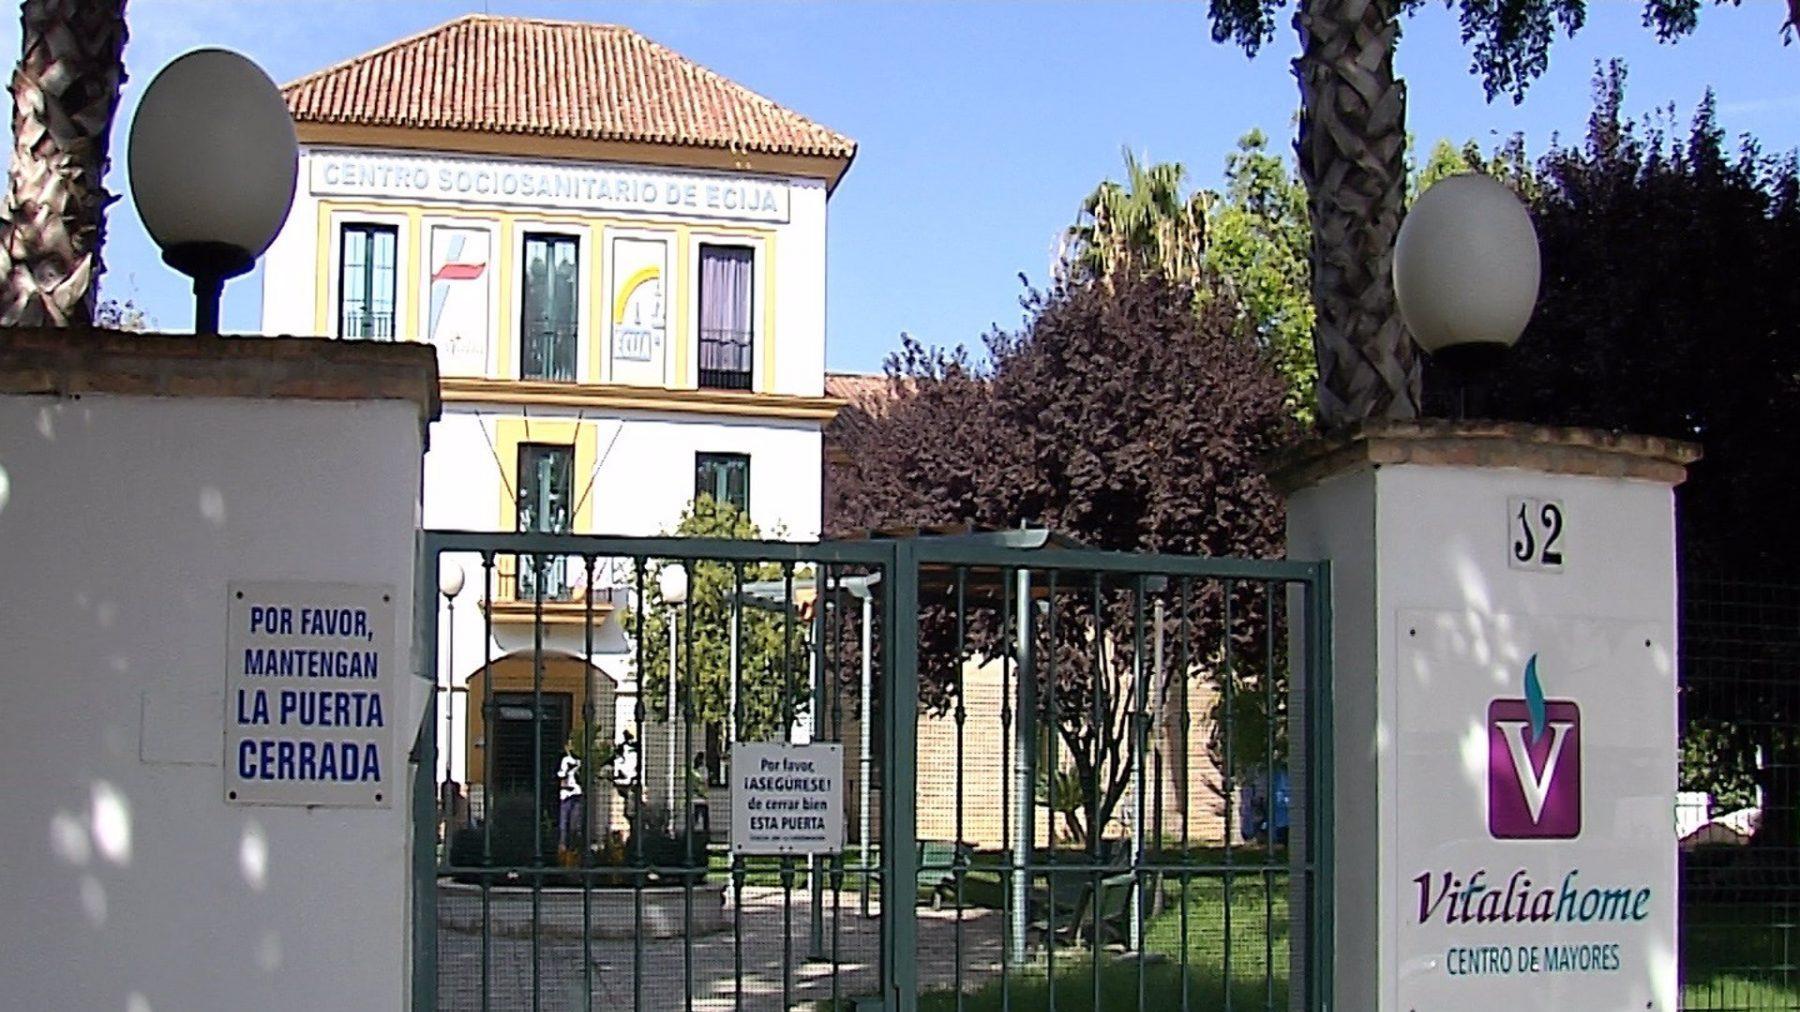 Residencia Vitalia Homes de Écija (EUROPA PRESS).